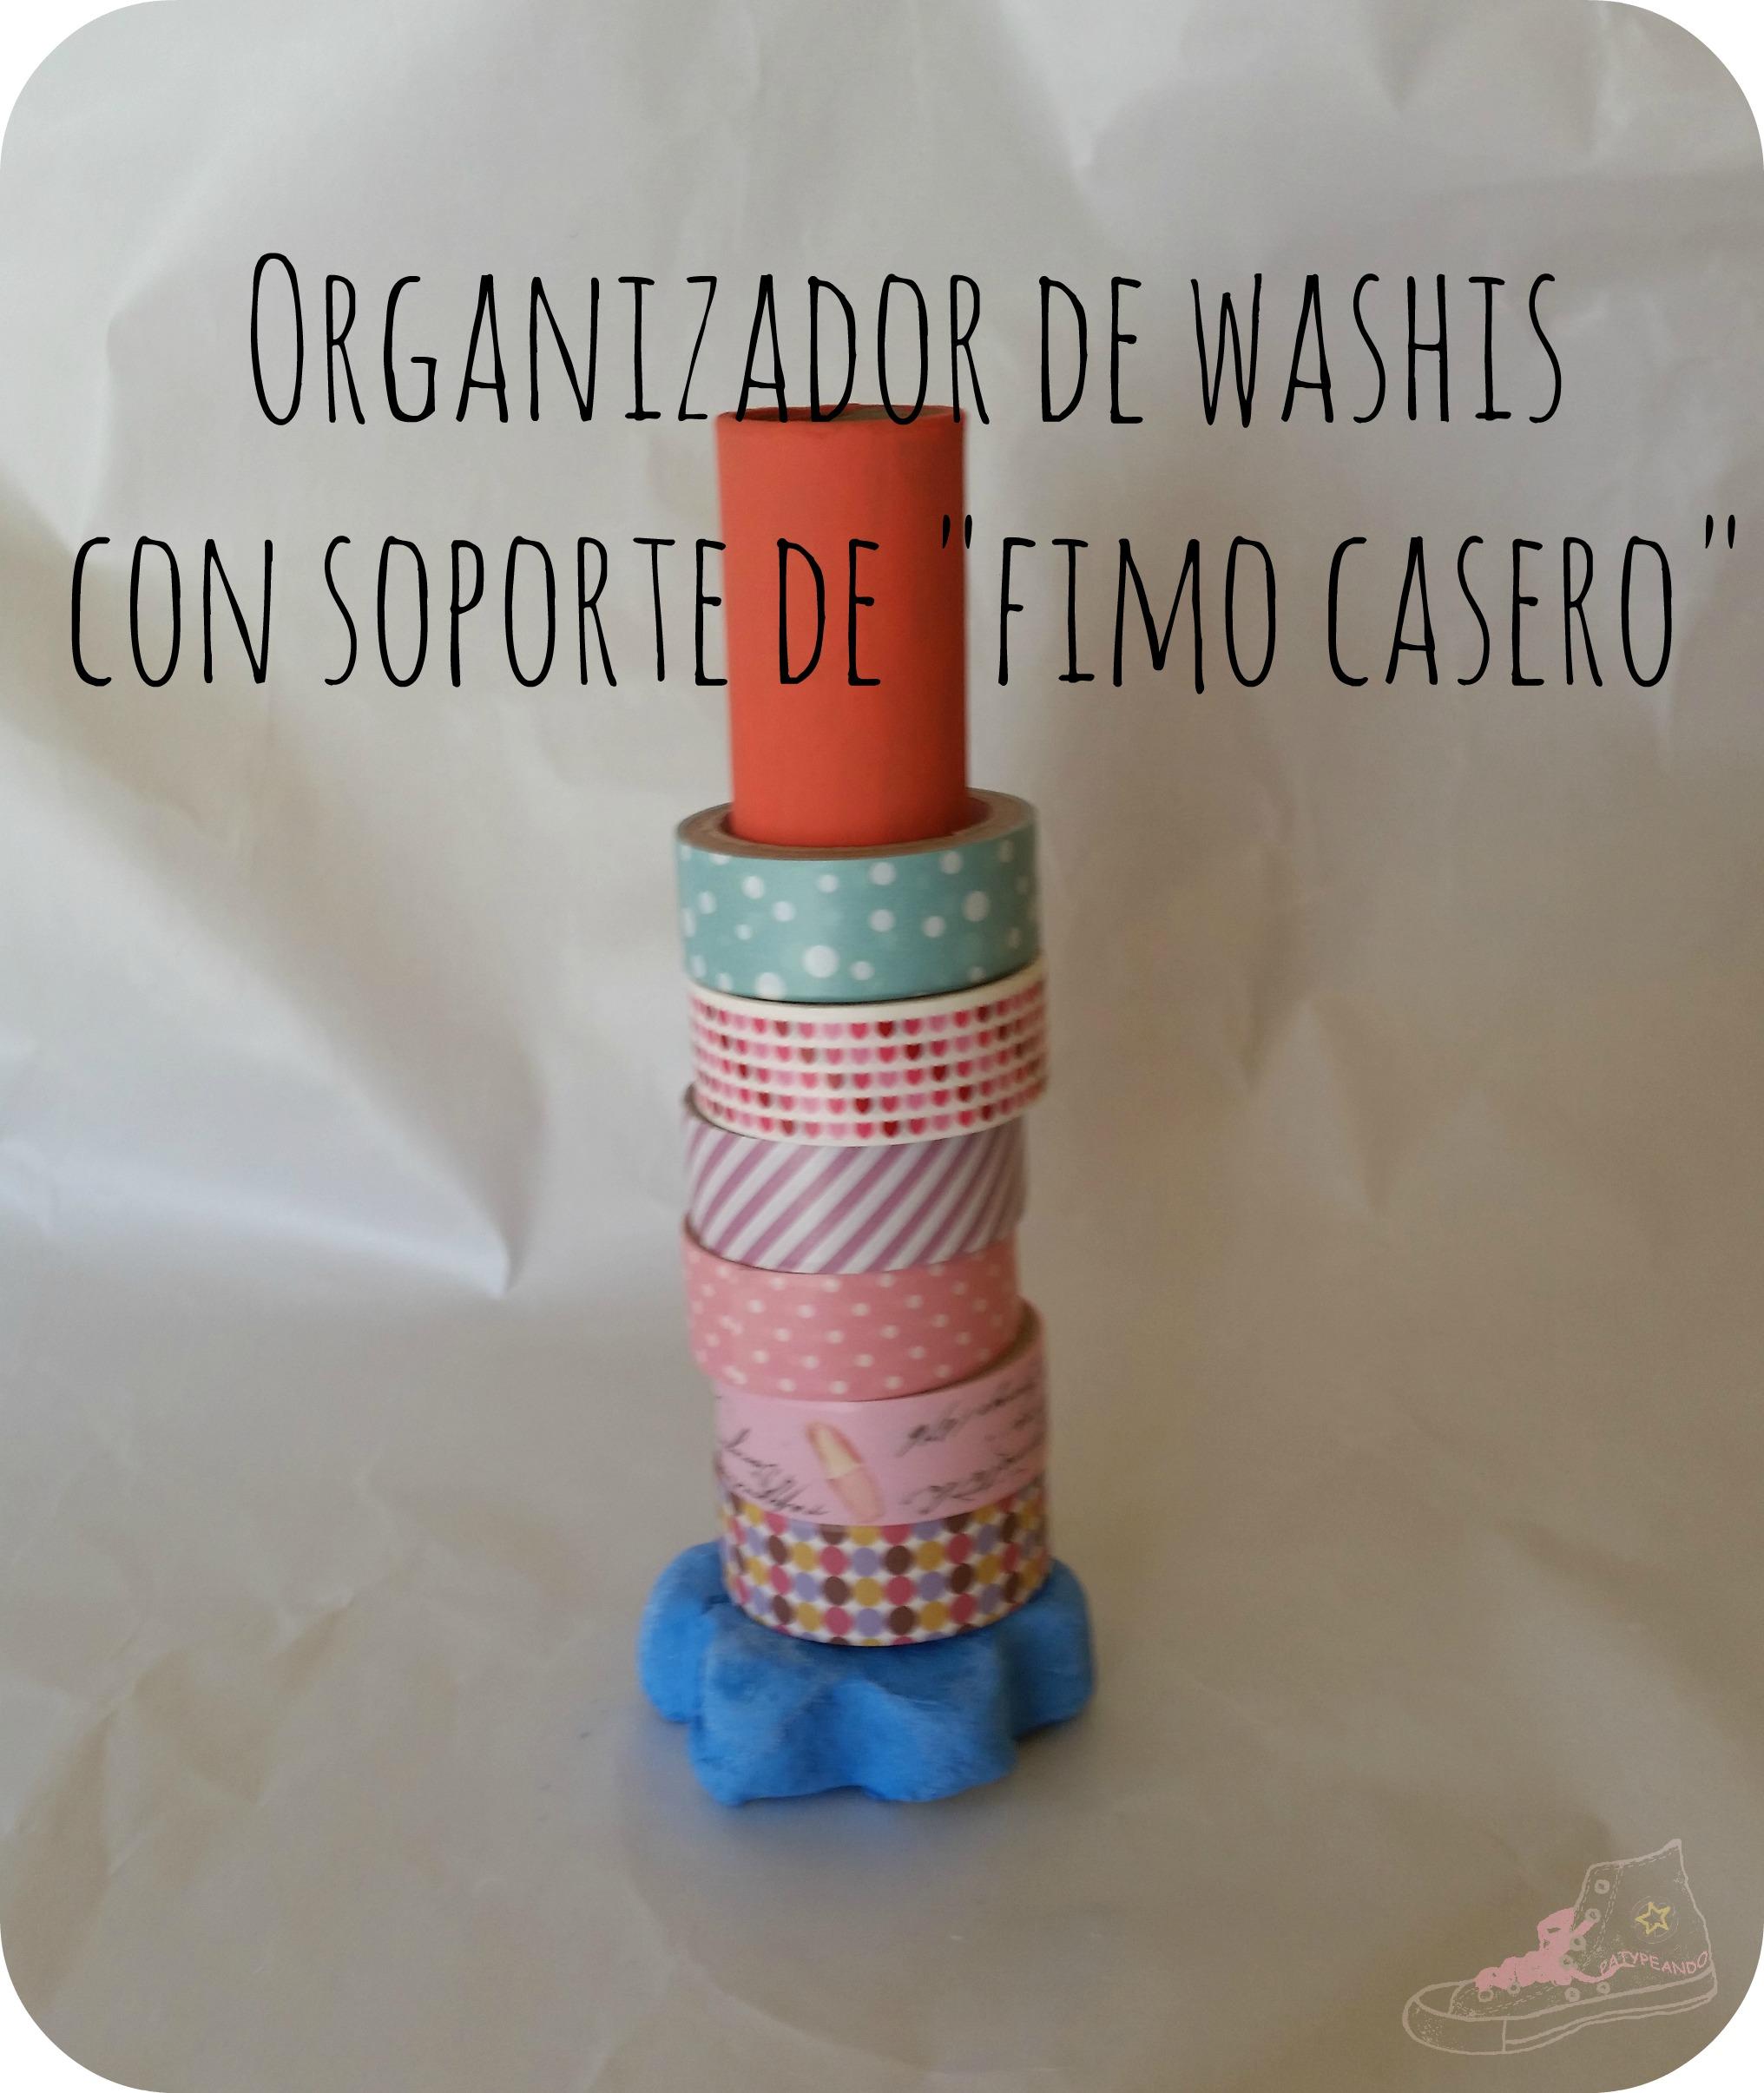 organizador de washis